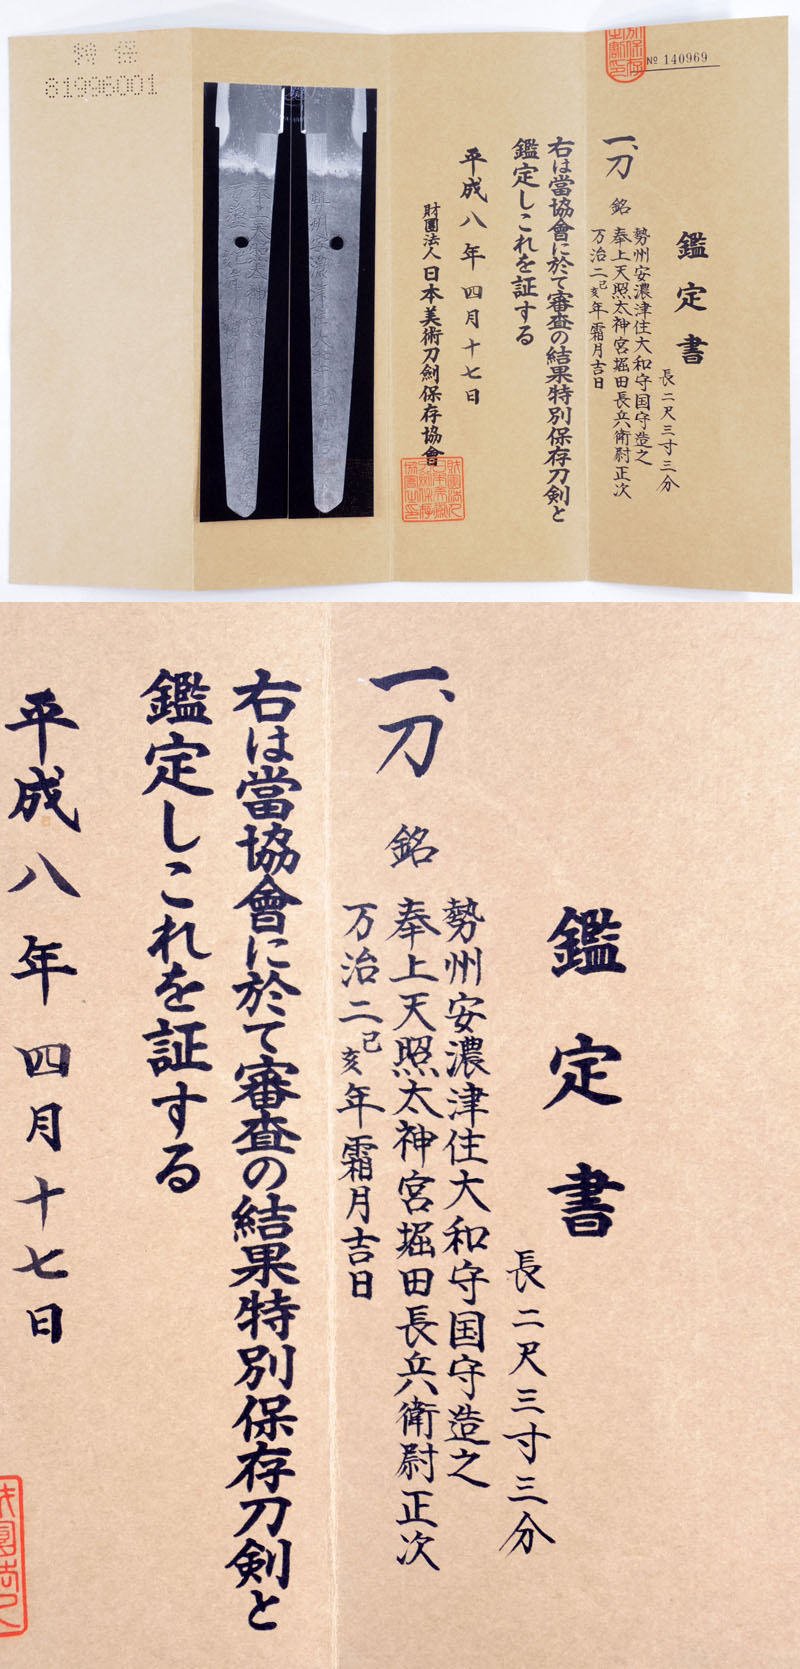 勢州安濃Tsu住大和守国守造之 Picture of Certificate